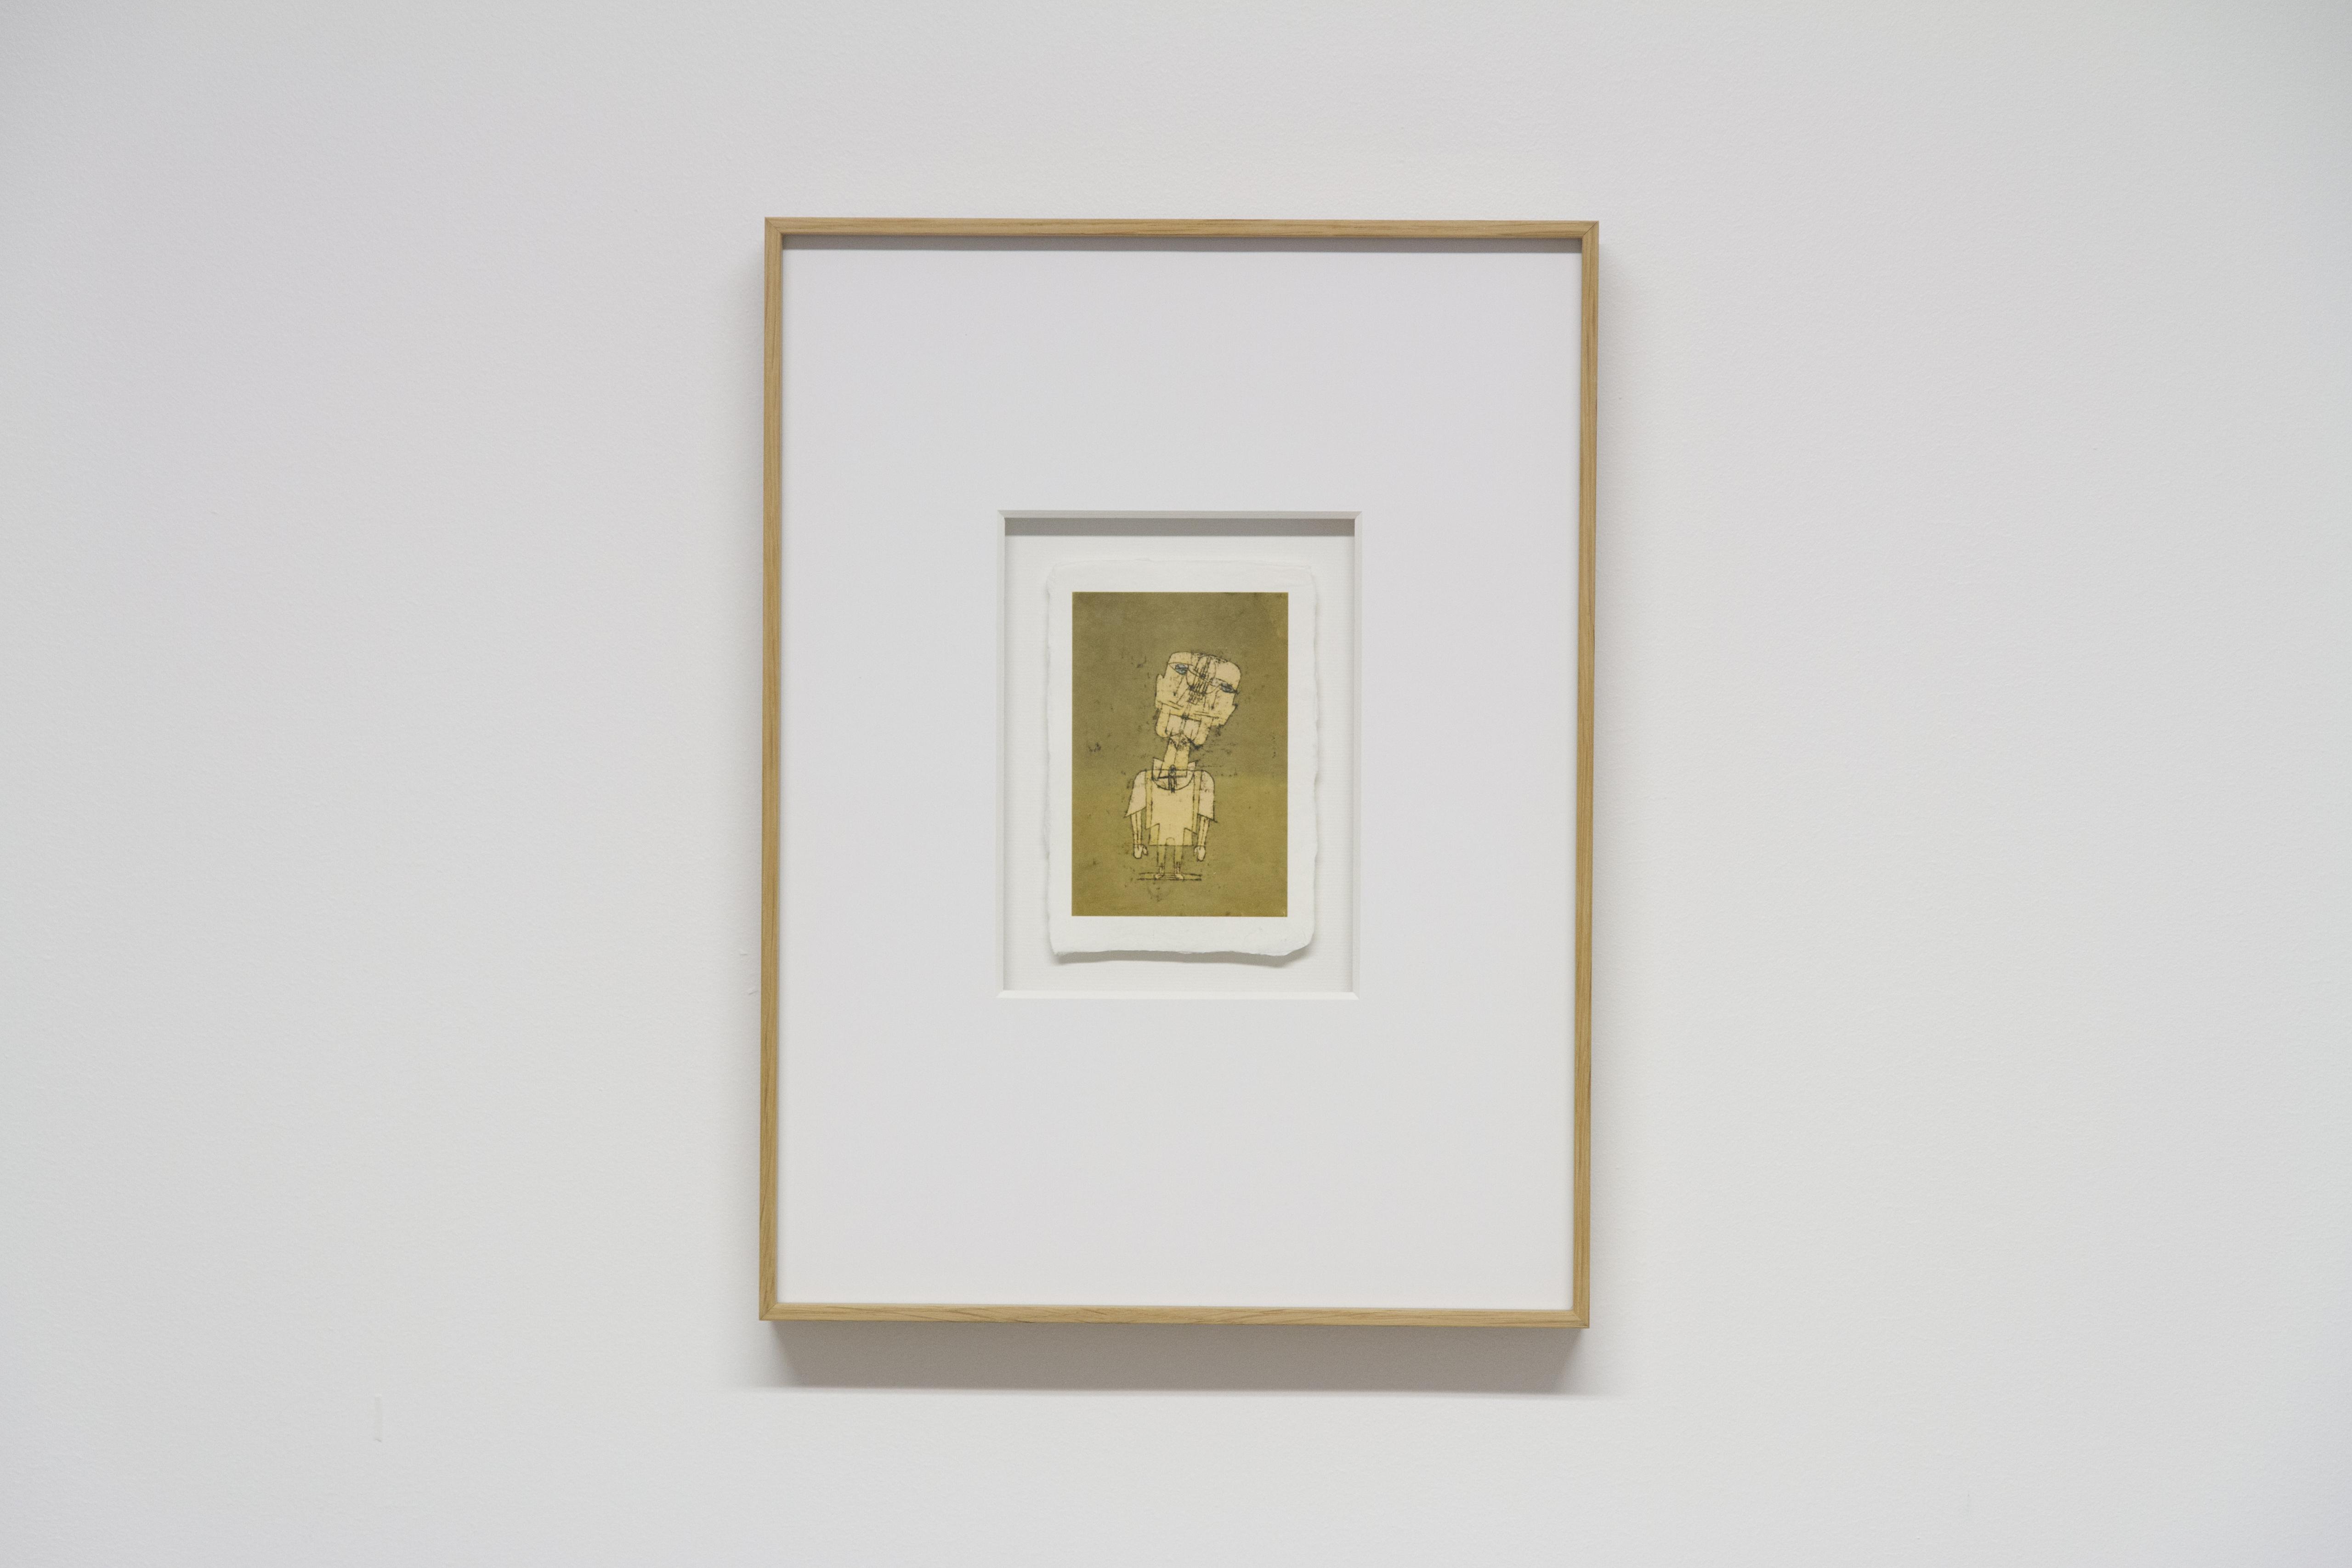 """reproduction """"Fantome d'un génie"""" de Paul Klee. Impression sur papier japonnais et encadement posé sur fond réalisés par Artlabs Nantes"""